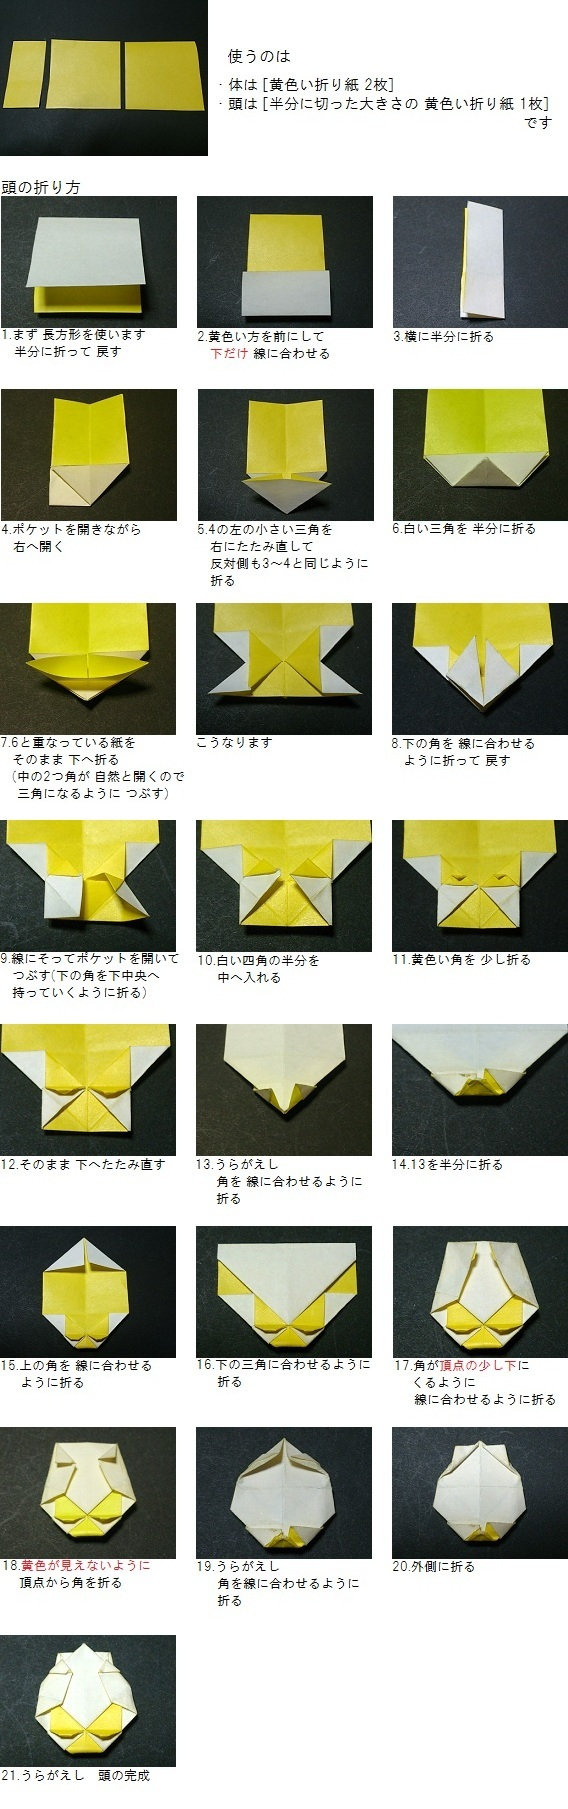 すべての折り紙 折り紙 ライオンの折り方 : ライオンの折り方|折り紙 ...